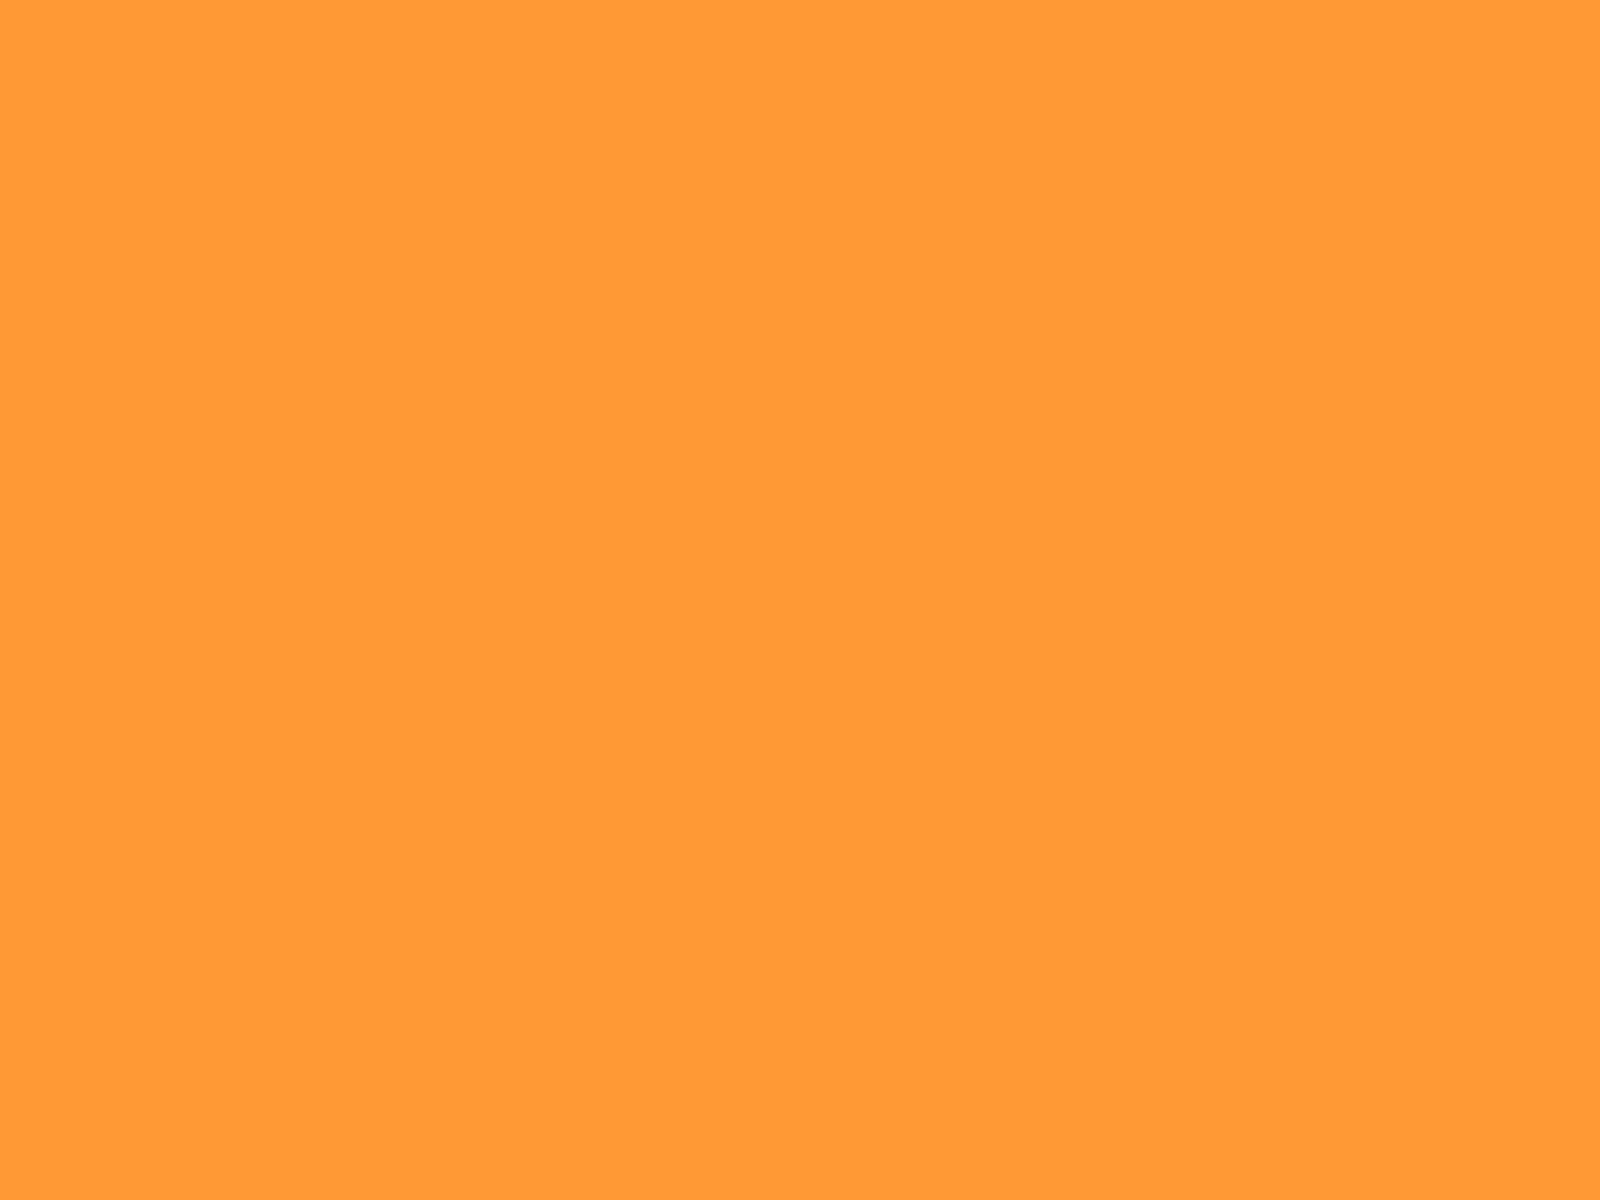 1600x1200 Deep Saffron Solid Color Background